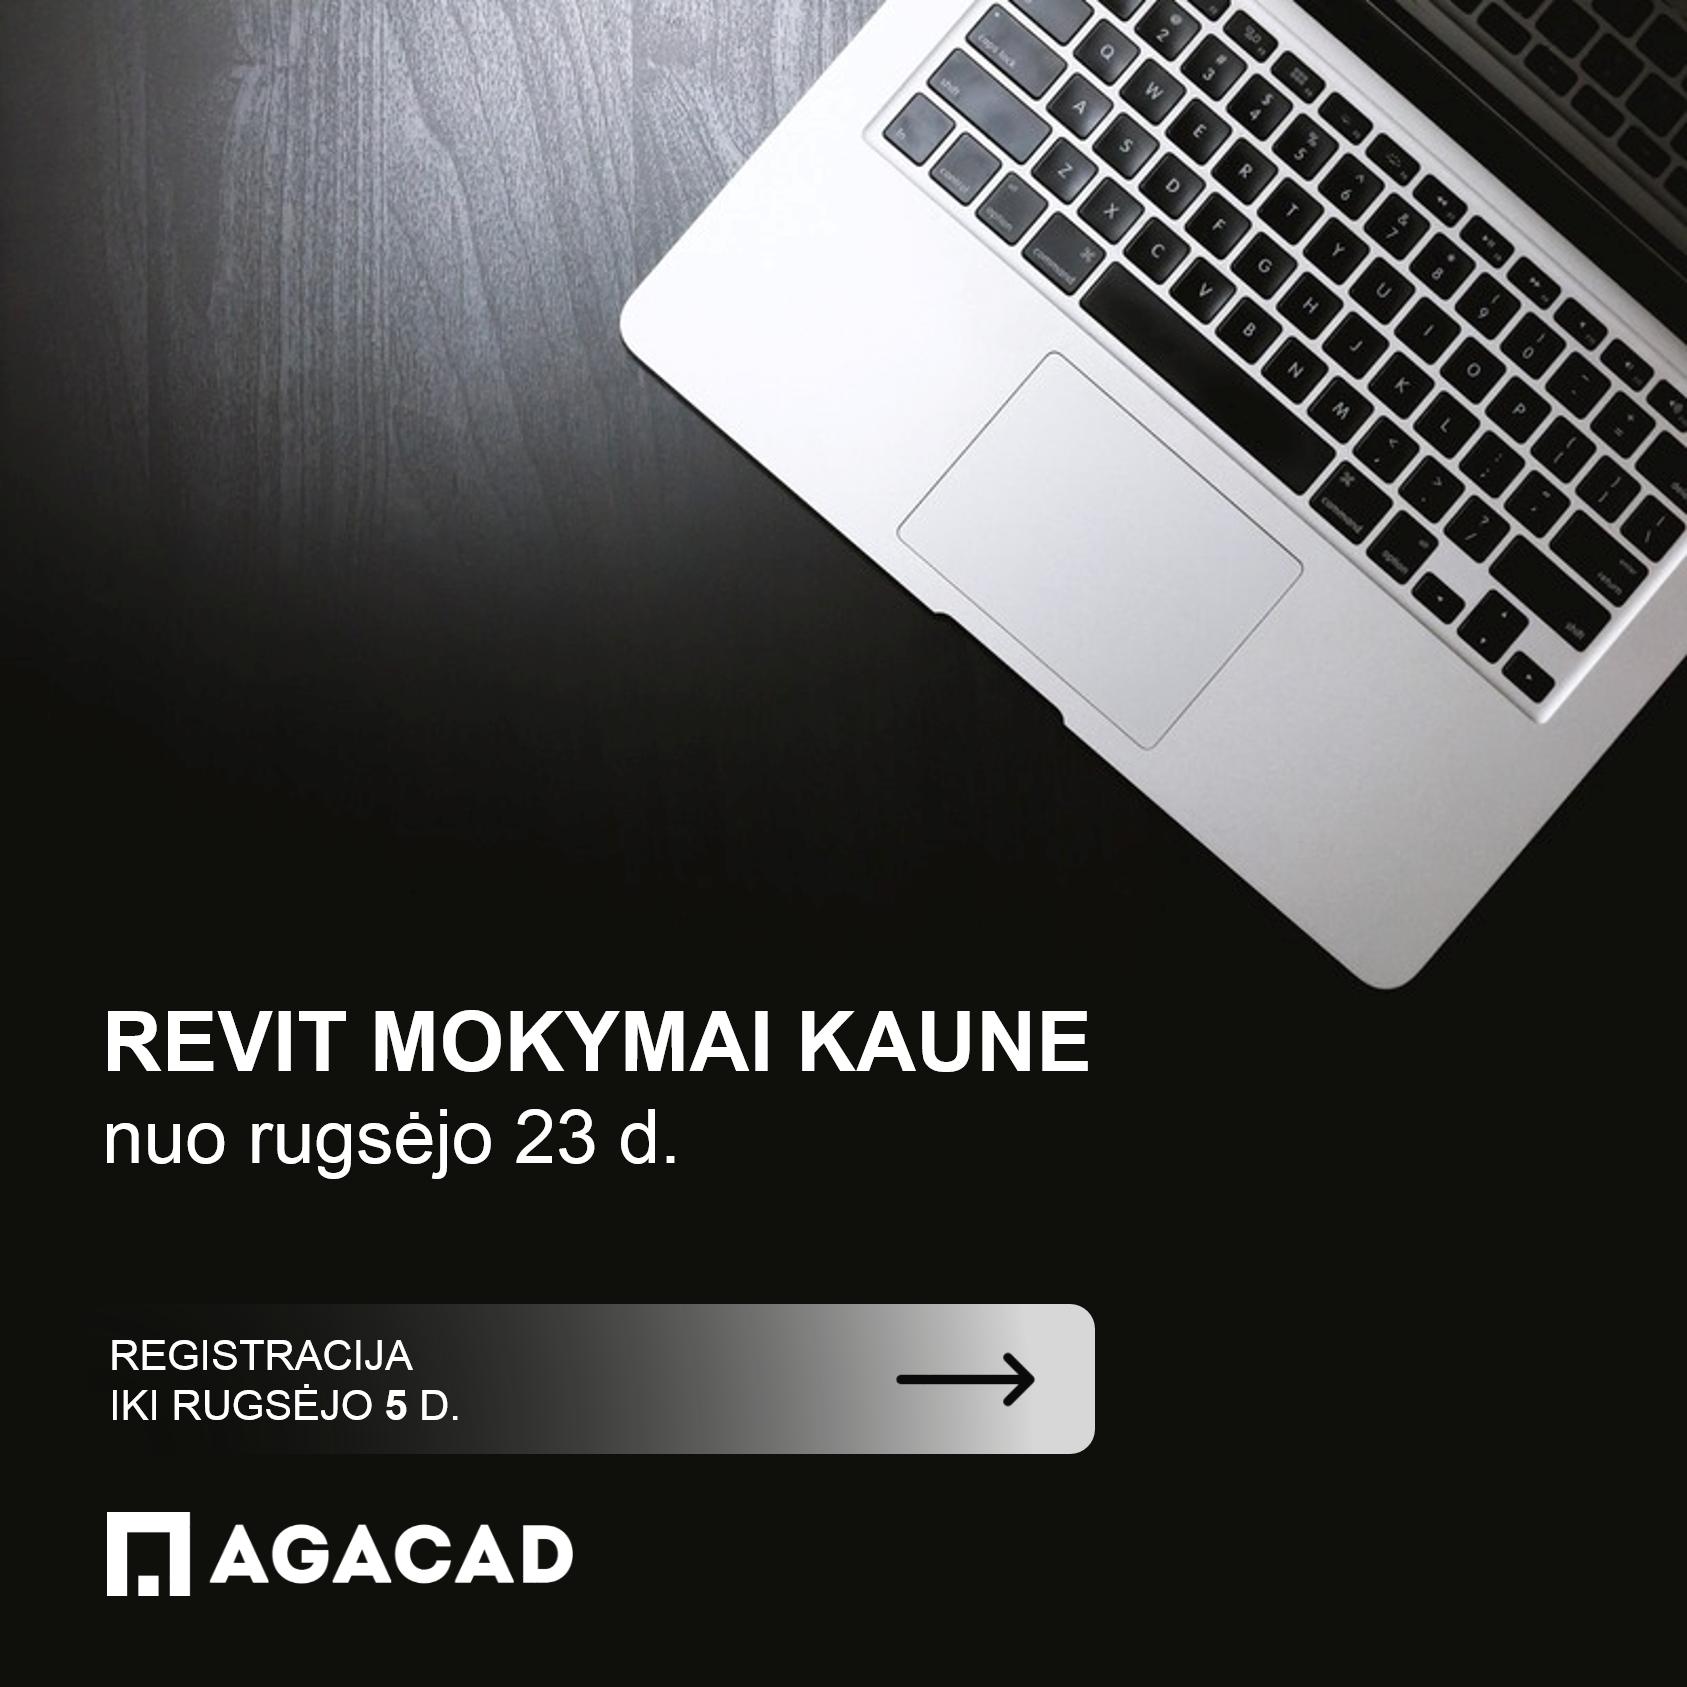 Revit mokymai Kaune